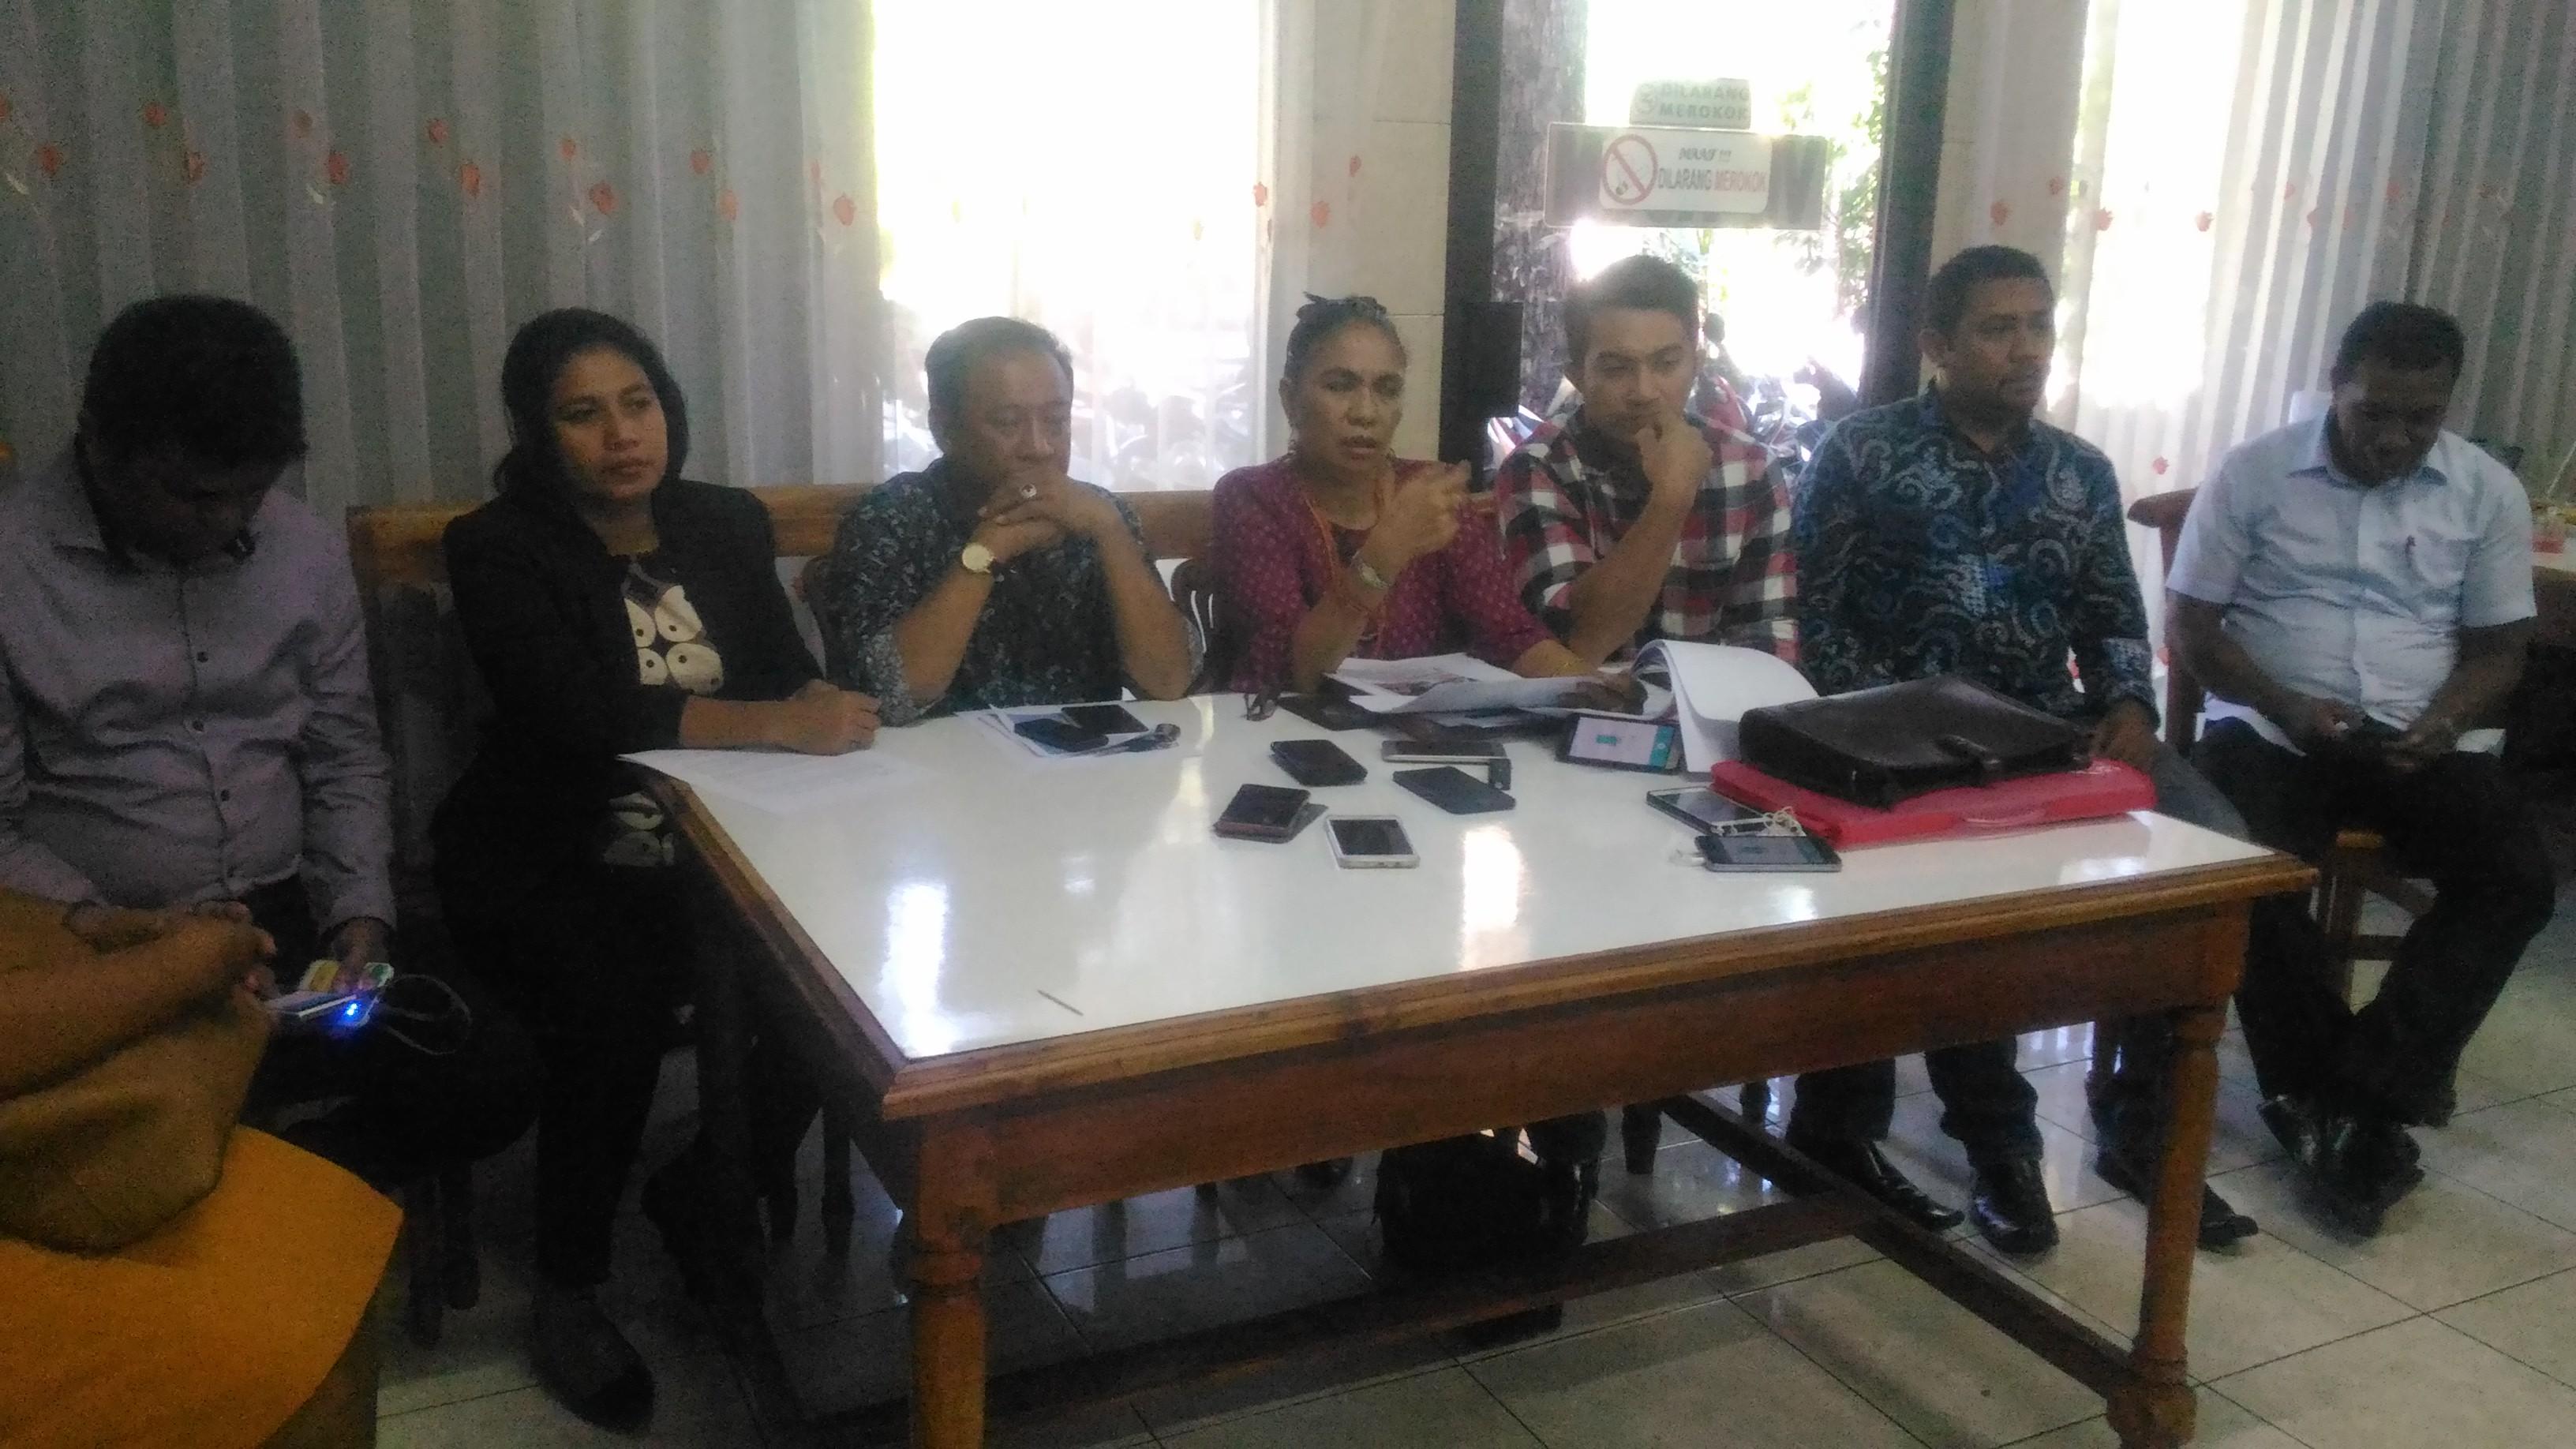 Aleks Frans cabut Gugatan, Kudji Herewila Cs merasa Dilecehkan